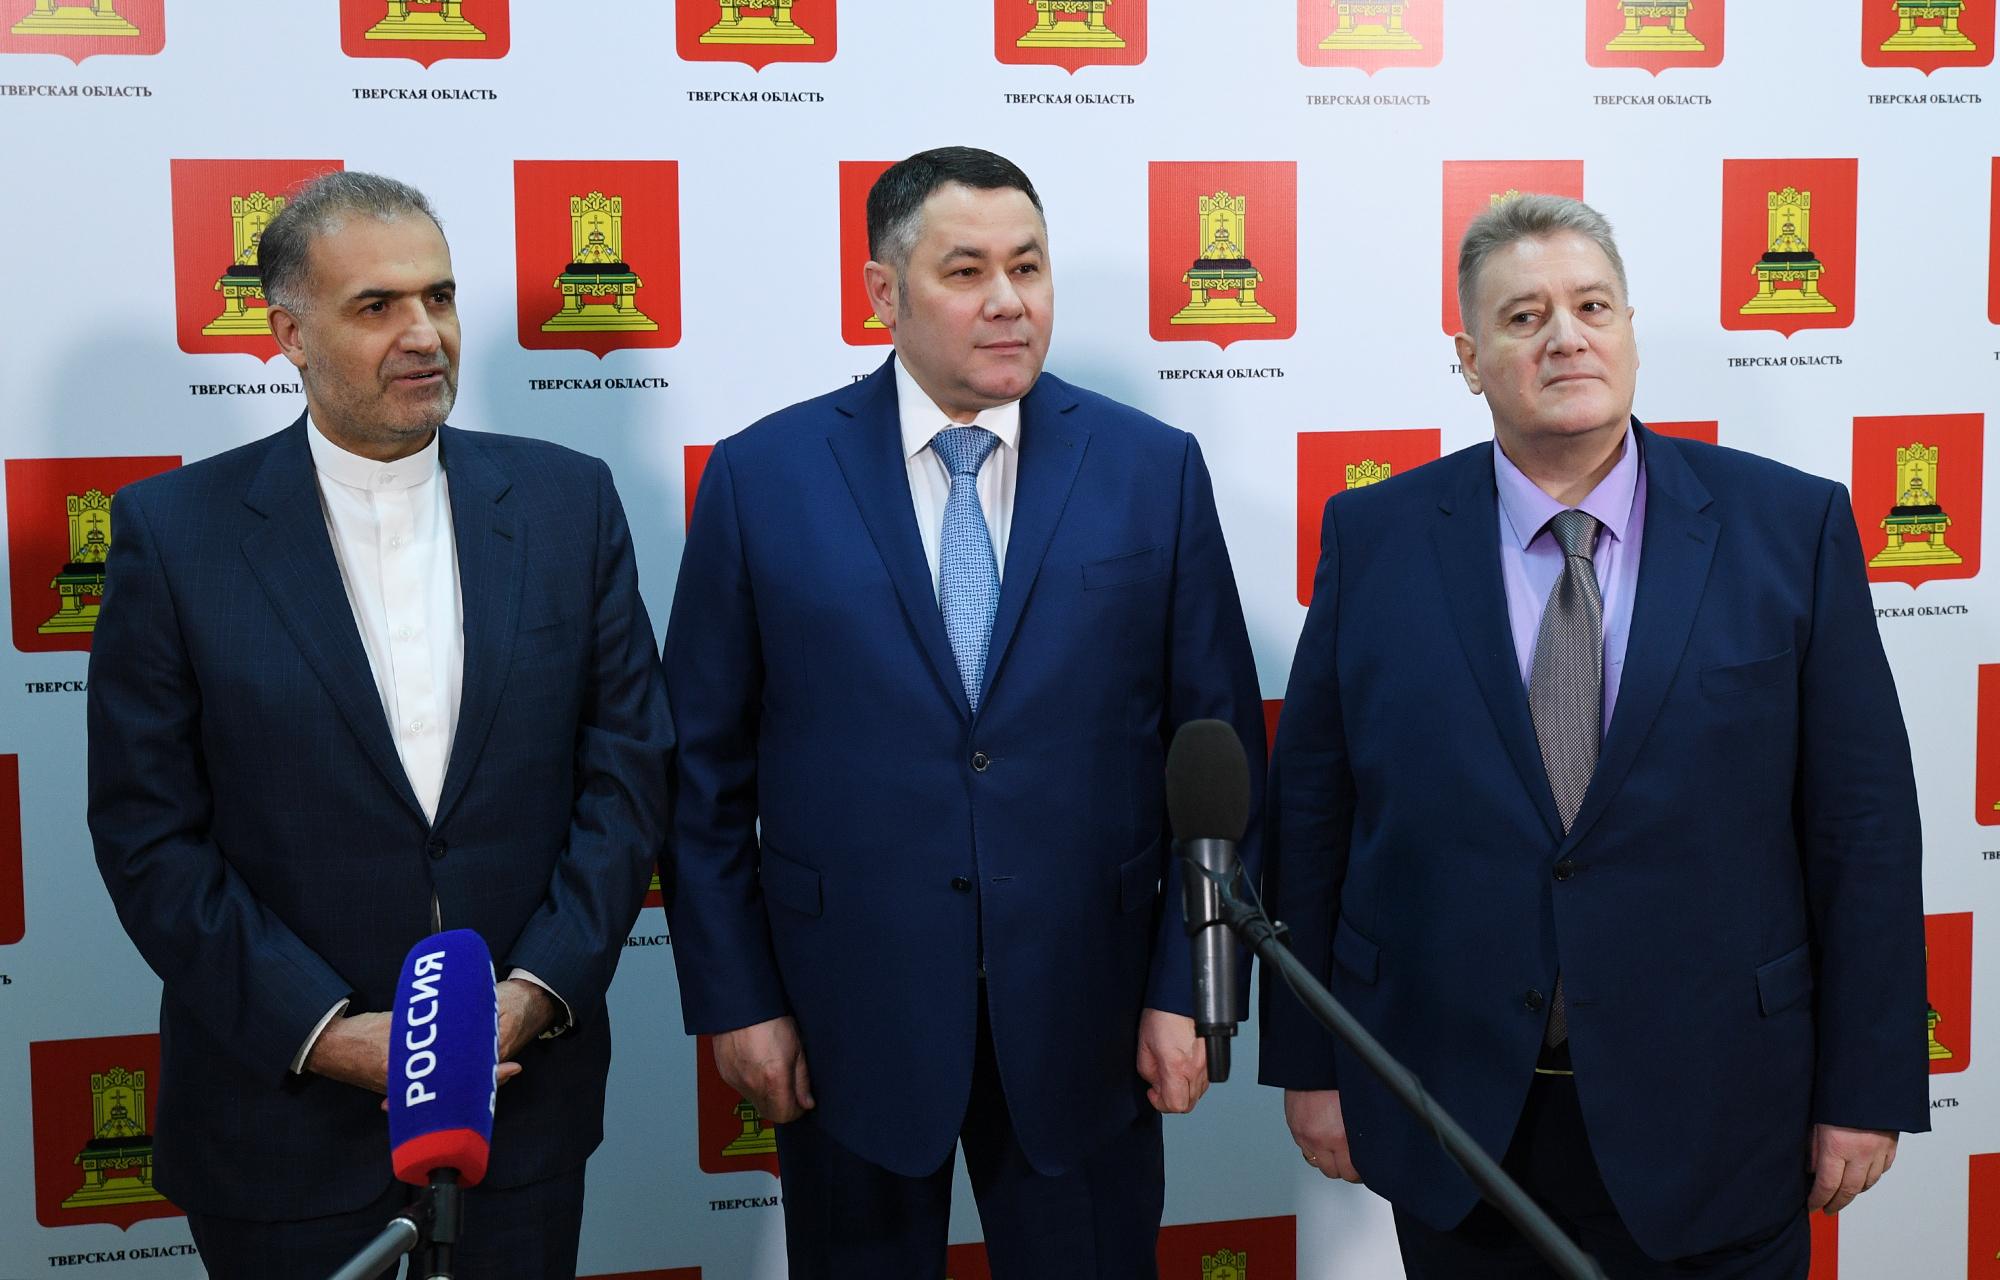 Игорь Руденя отмечен в рейтинге «Губернаторская повестка» по итогам переговоров с послом Ирана